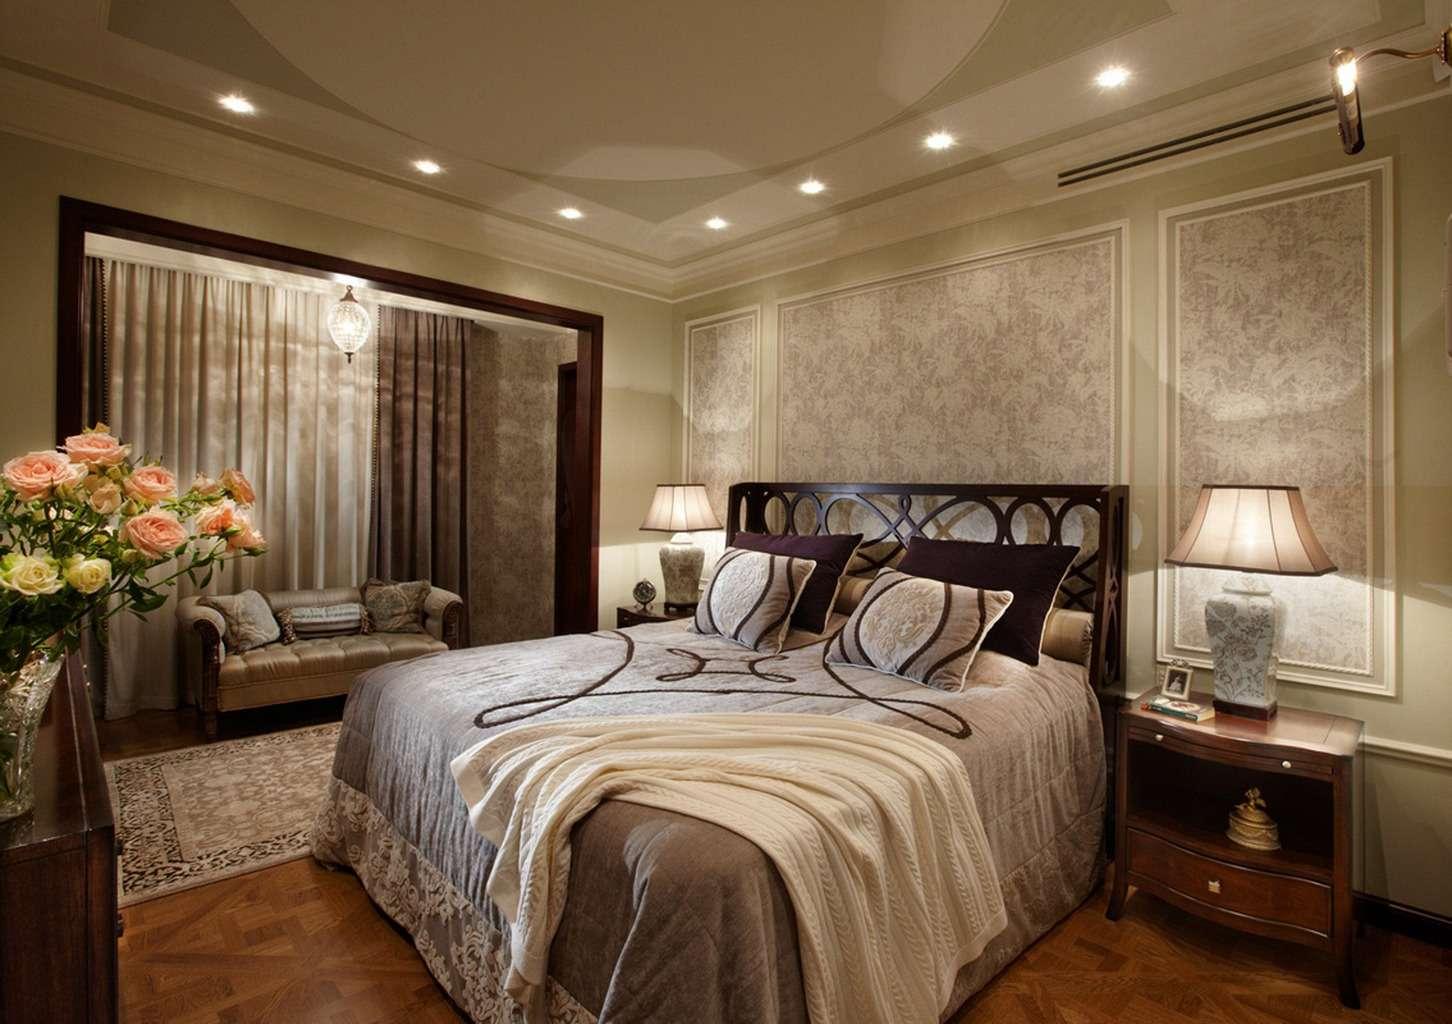 Люстра в спальню — 75 фото красивого оформления в интерьере спальни